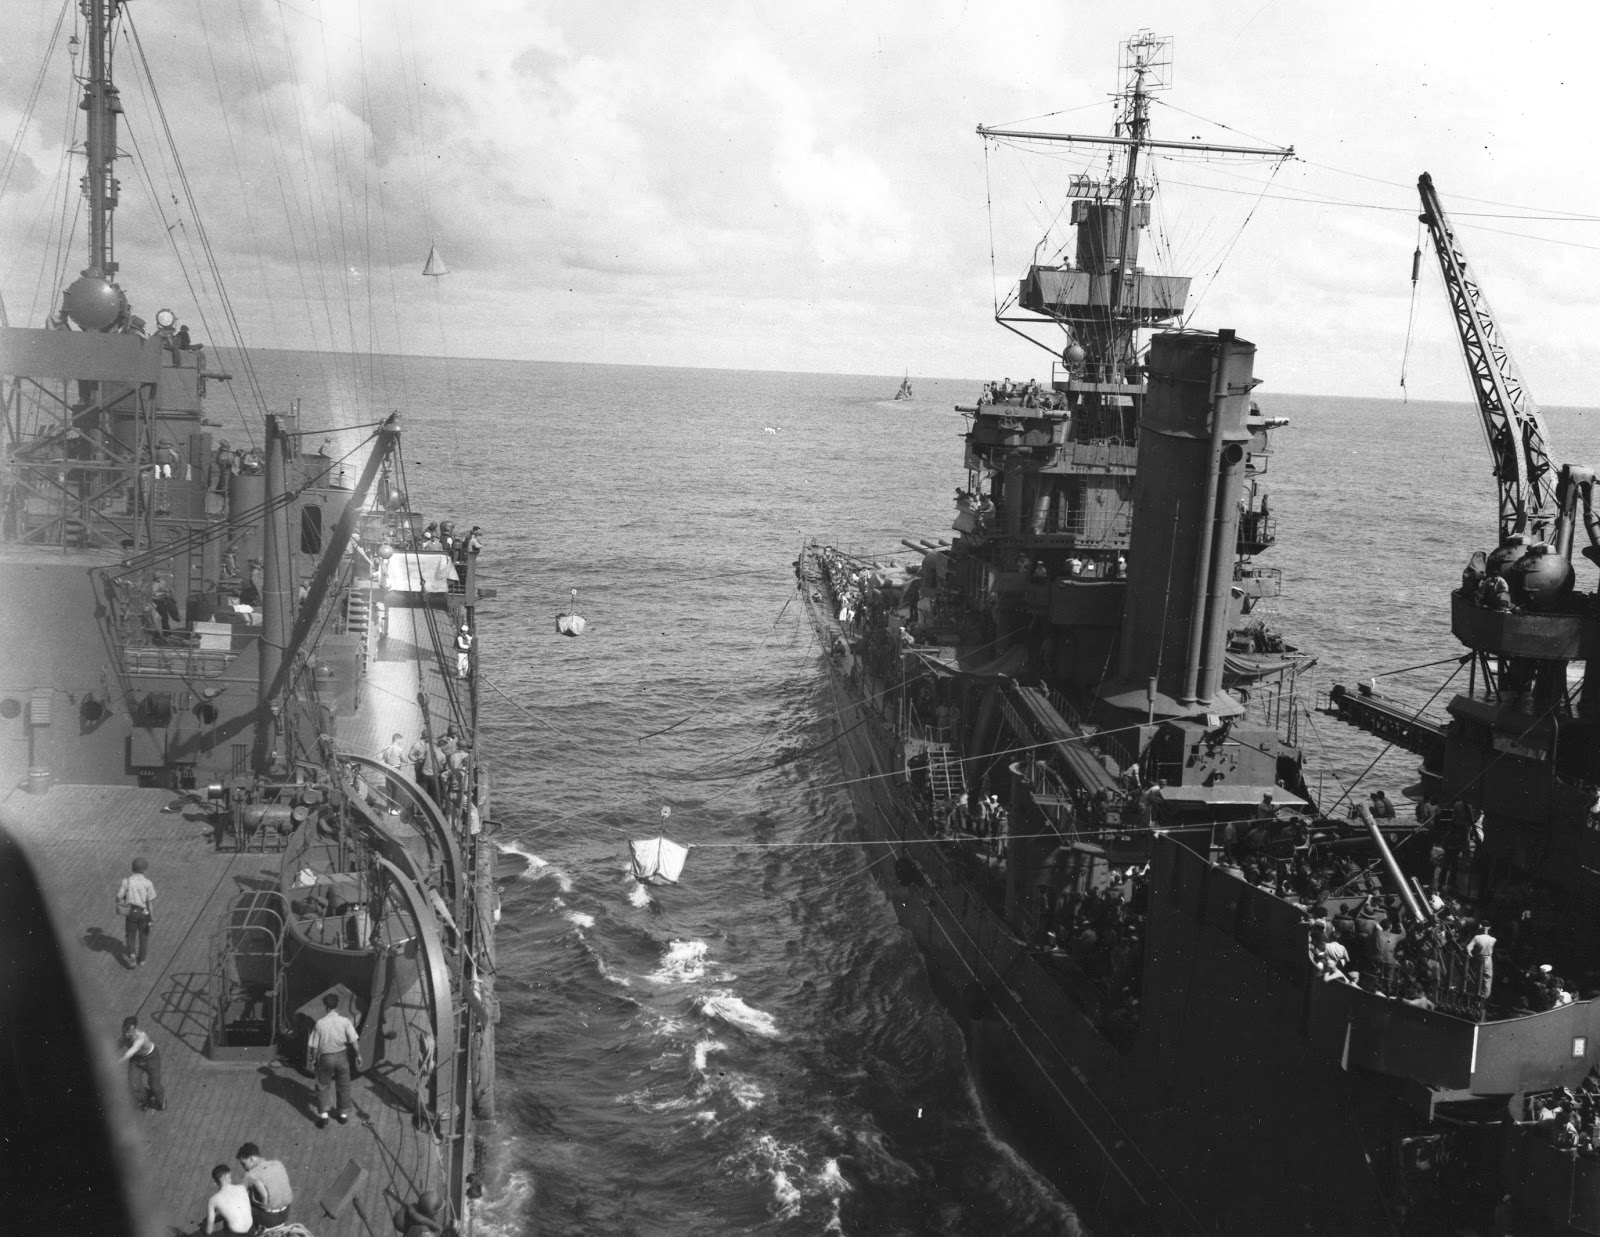 艦船ヨークタウンの生存者を艦船フルトンへ移行する艦船ポートランド